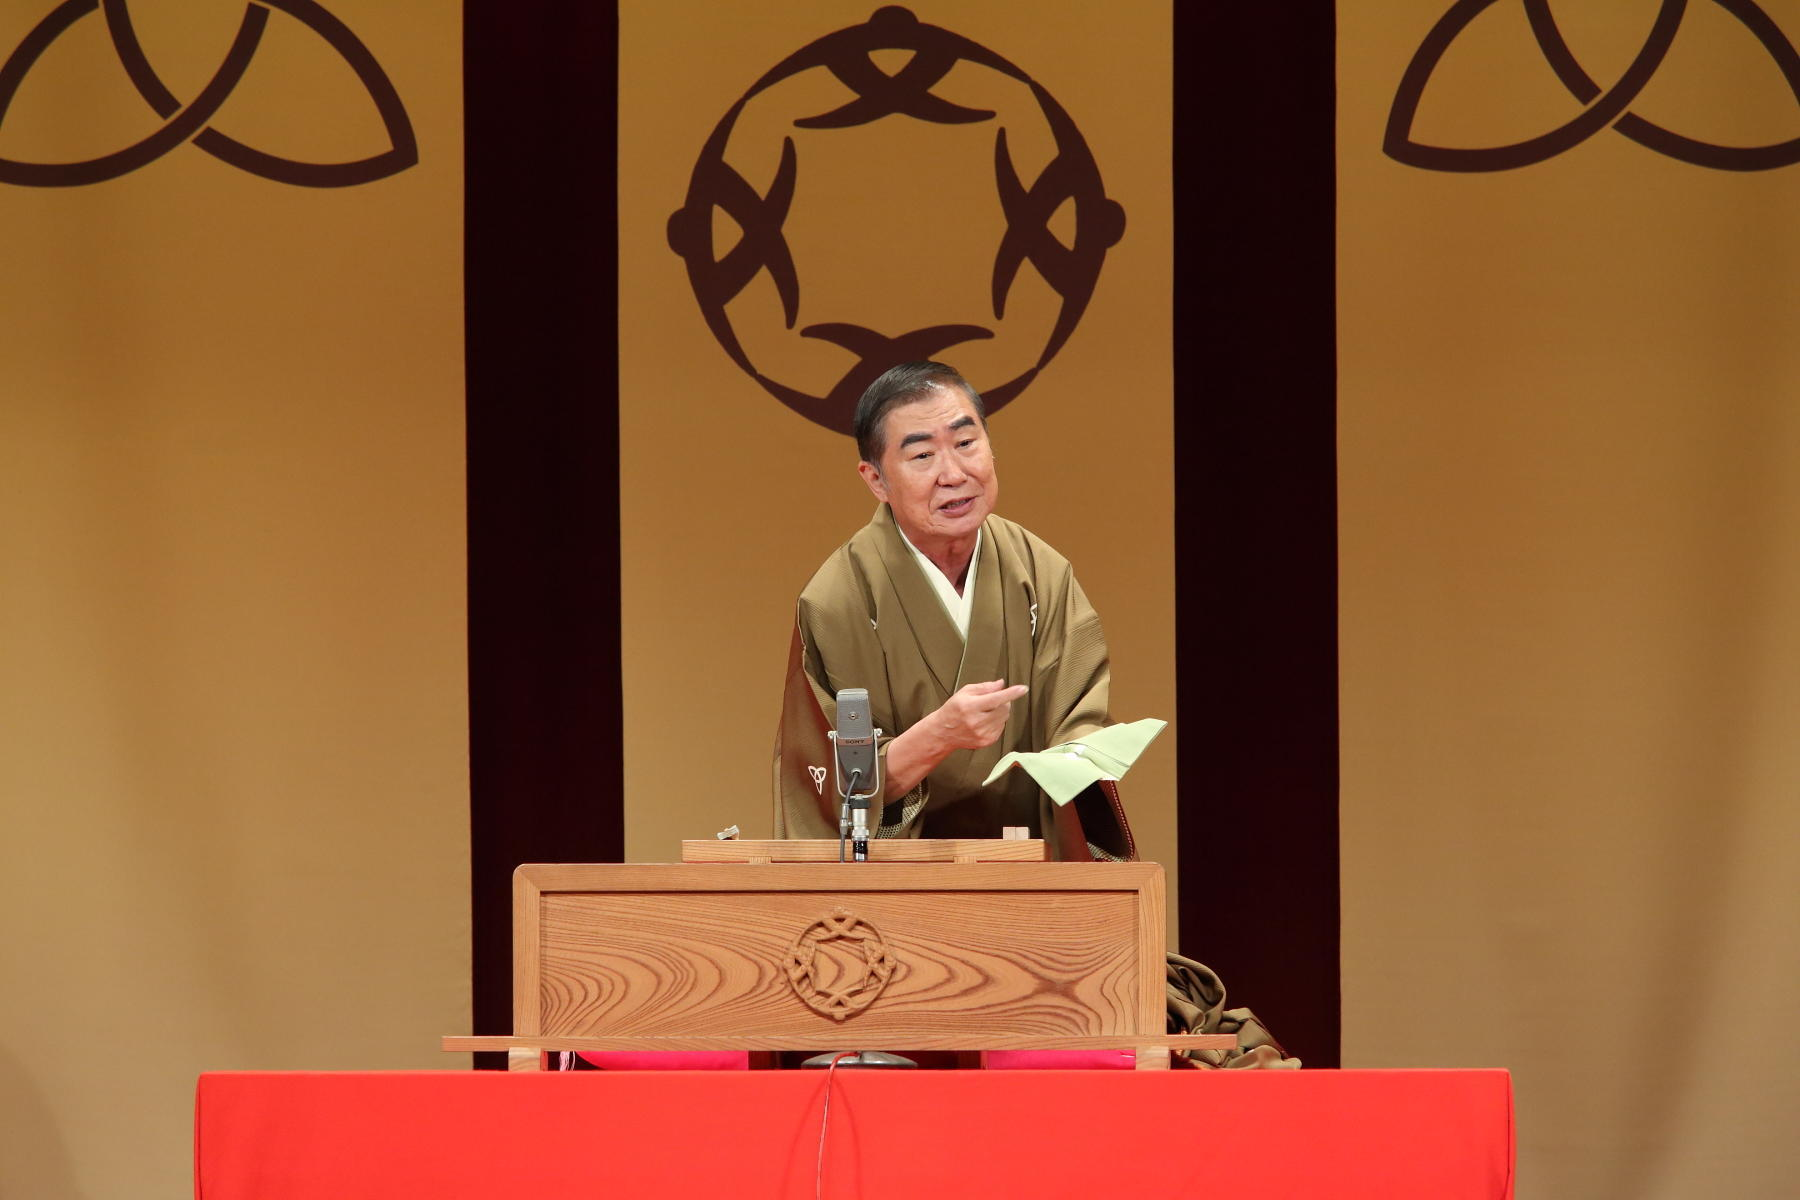 http://news.yoshimoto.co.jp/20180925103723-ec89a4d18b730302b6a232234d7be3e3f54aa6ea.jpg